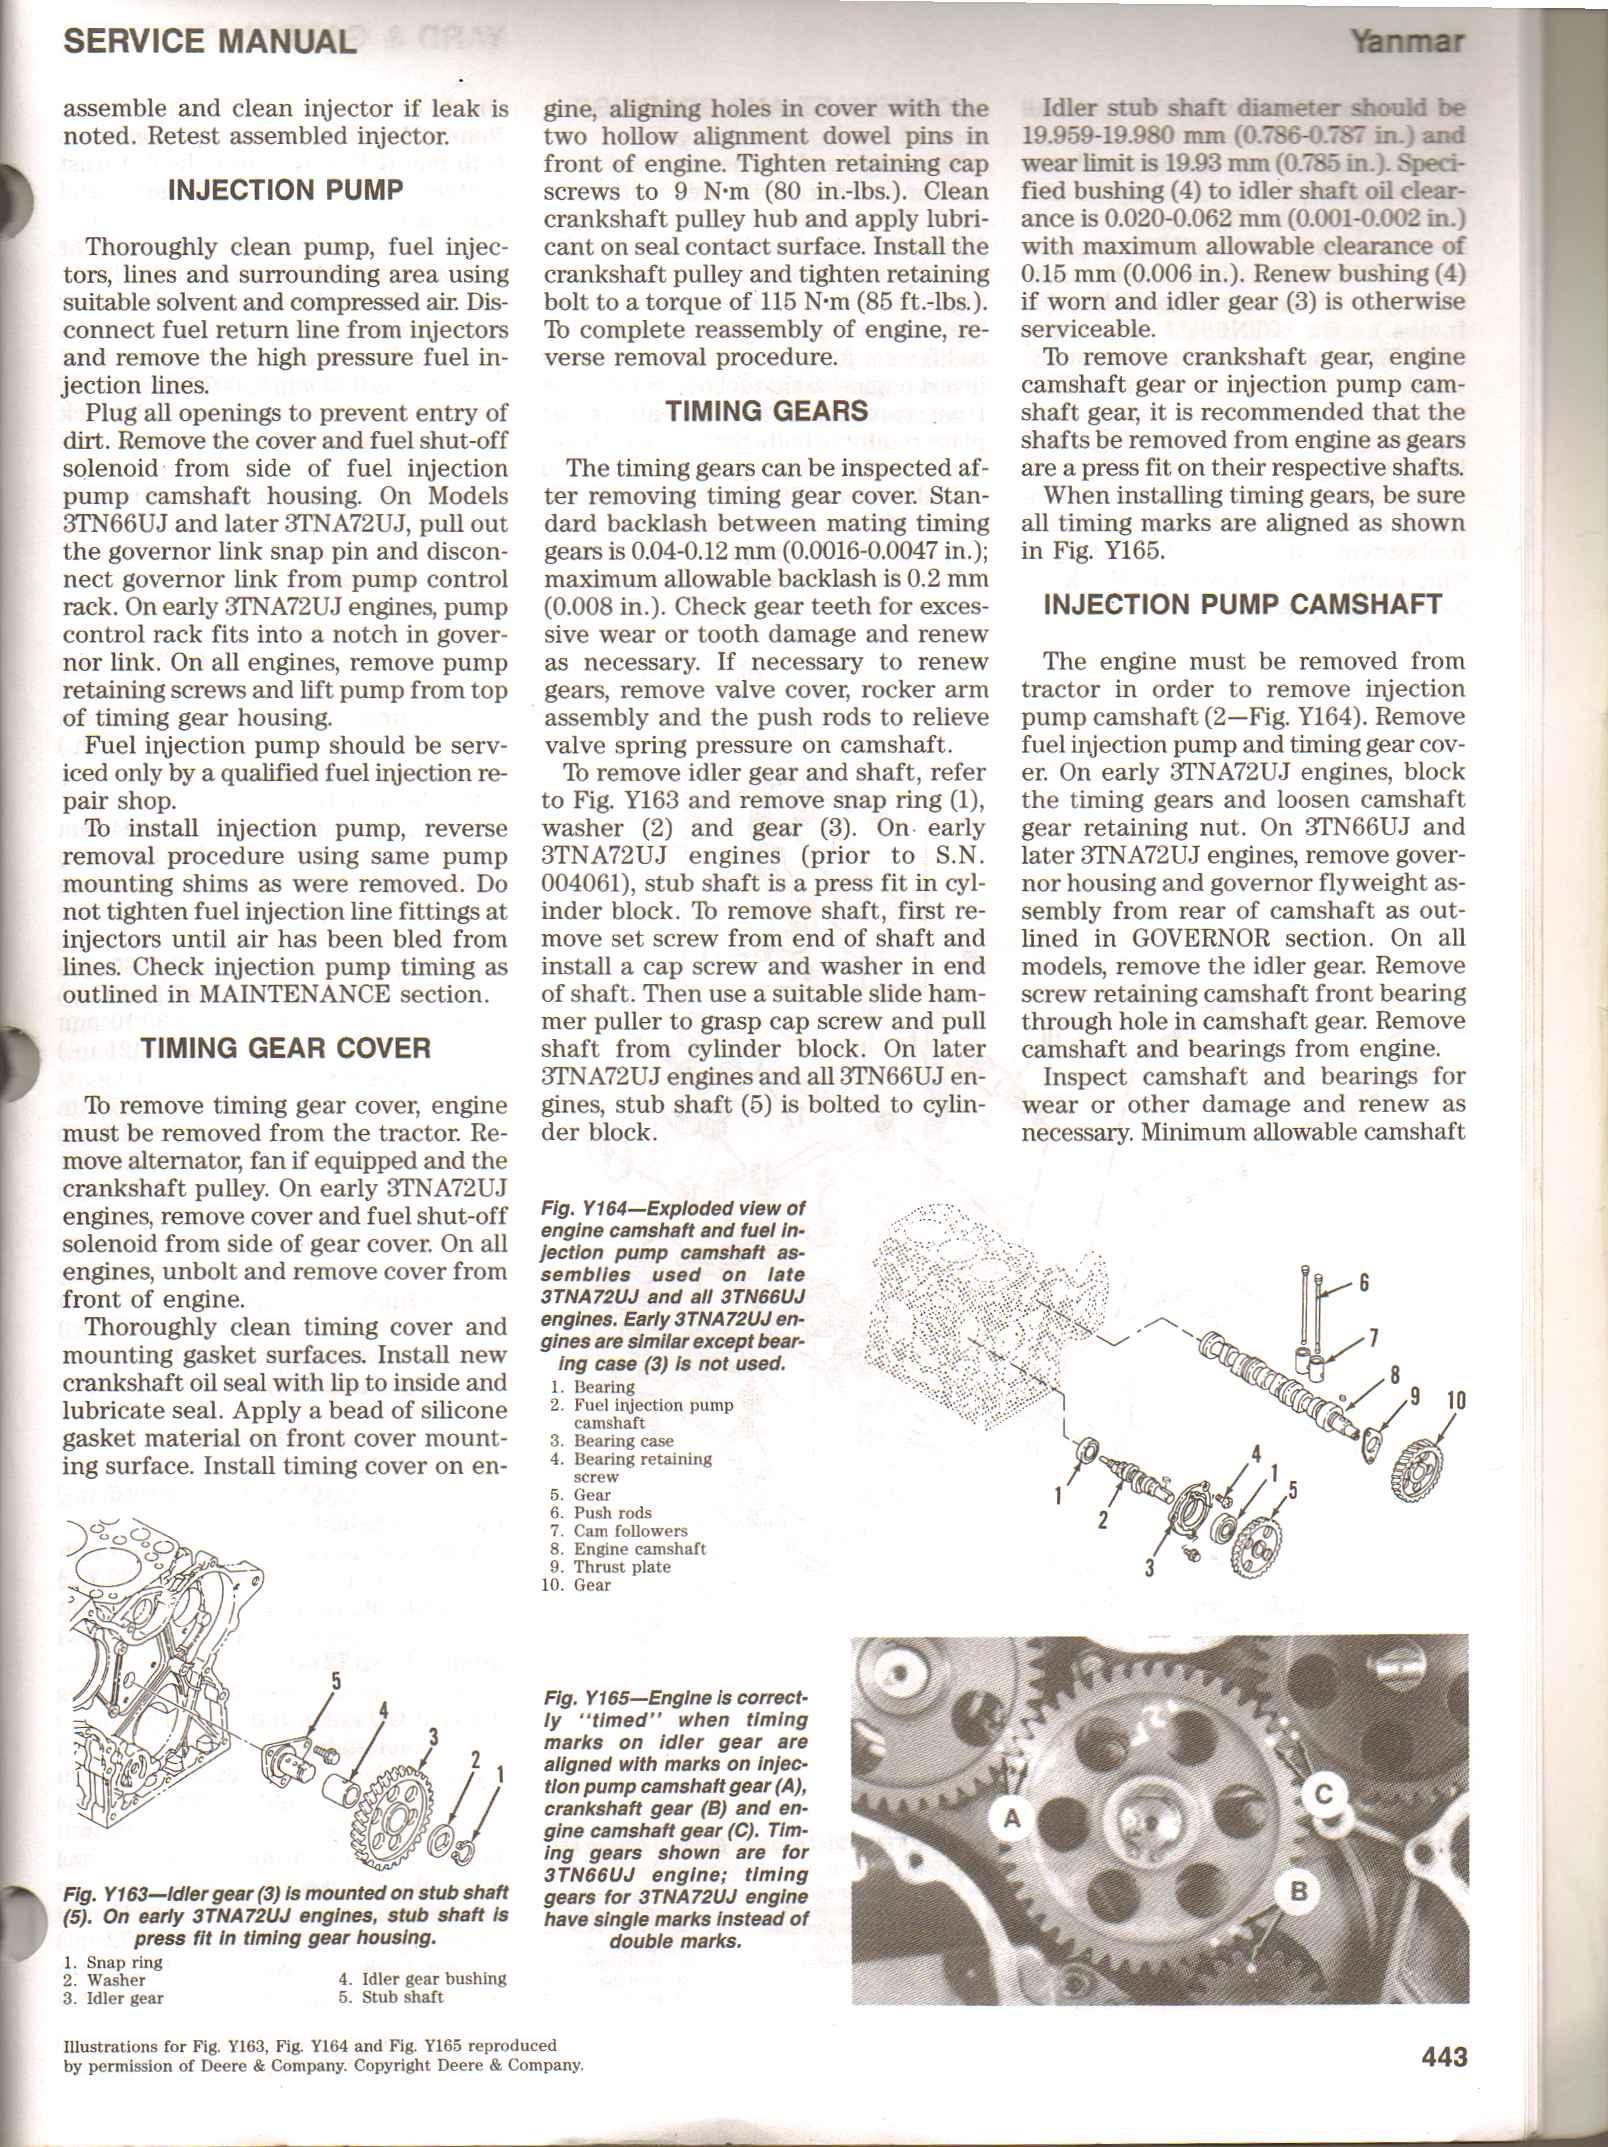 Yanmar Diesel Timing Related Keywords & Suggestions - Yanmar